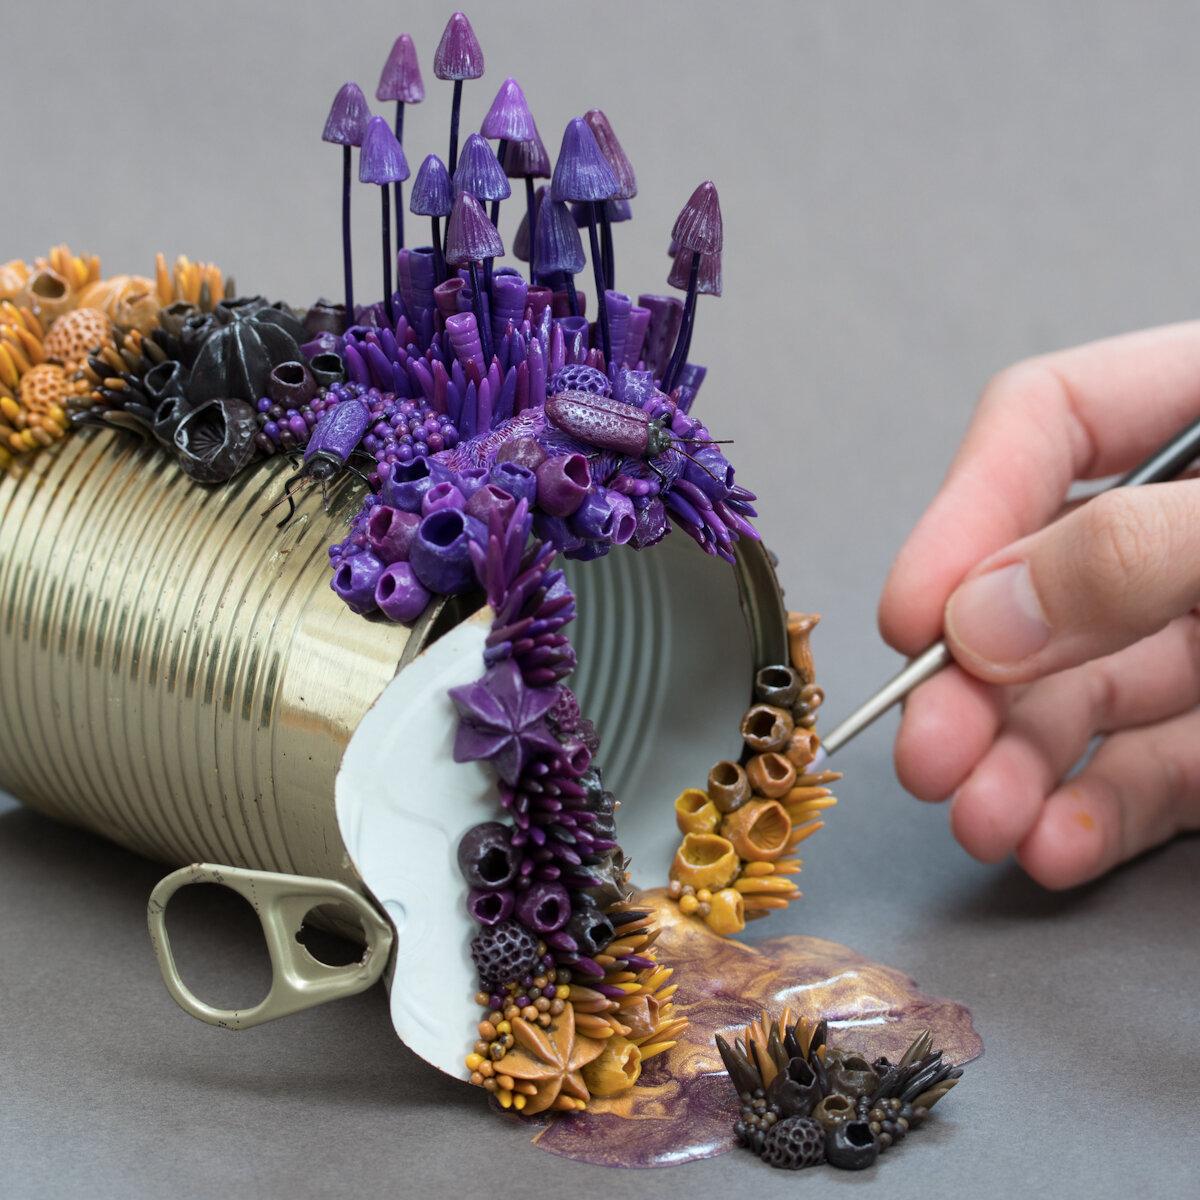 紫色真菌,2019年,锡罐上的混合媒体11选5技巧,斯蒂芬妮·基尔加斯特